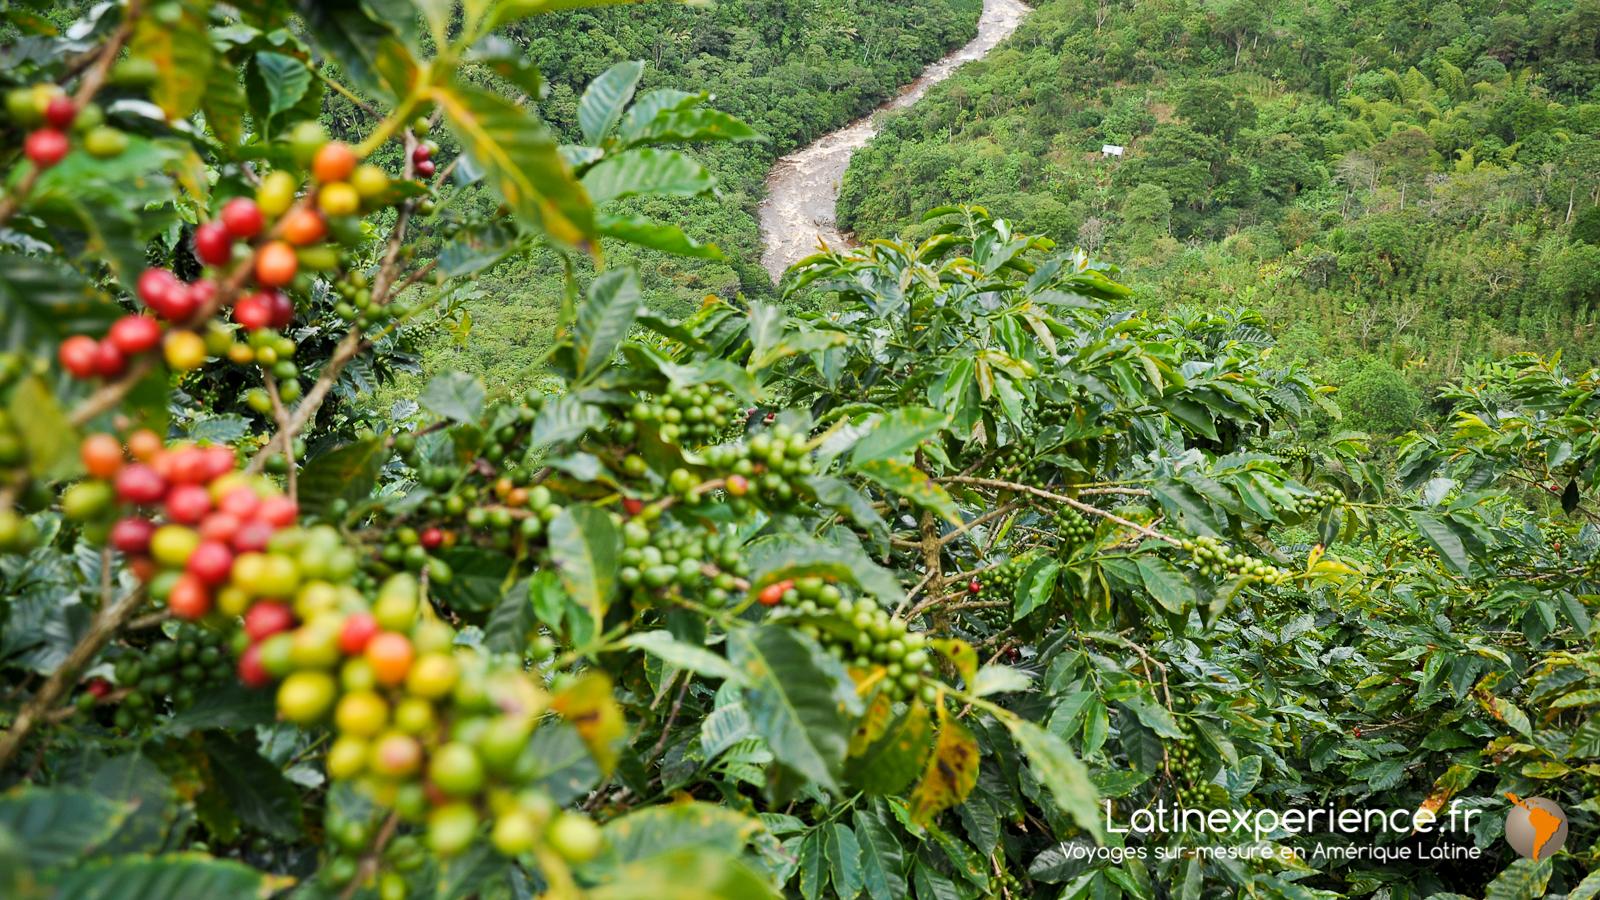 Colombie - Cordillère - café - Quand Partir - Latinexperience voyages